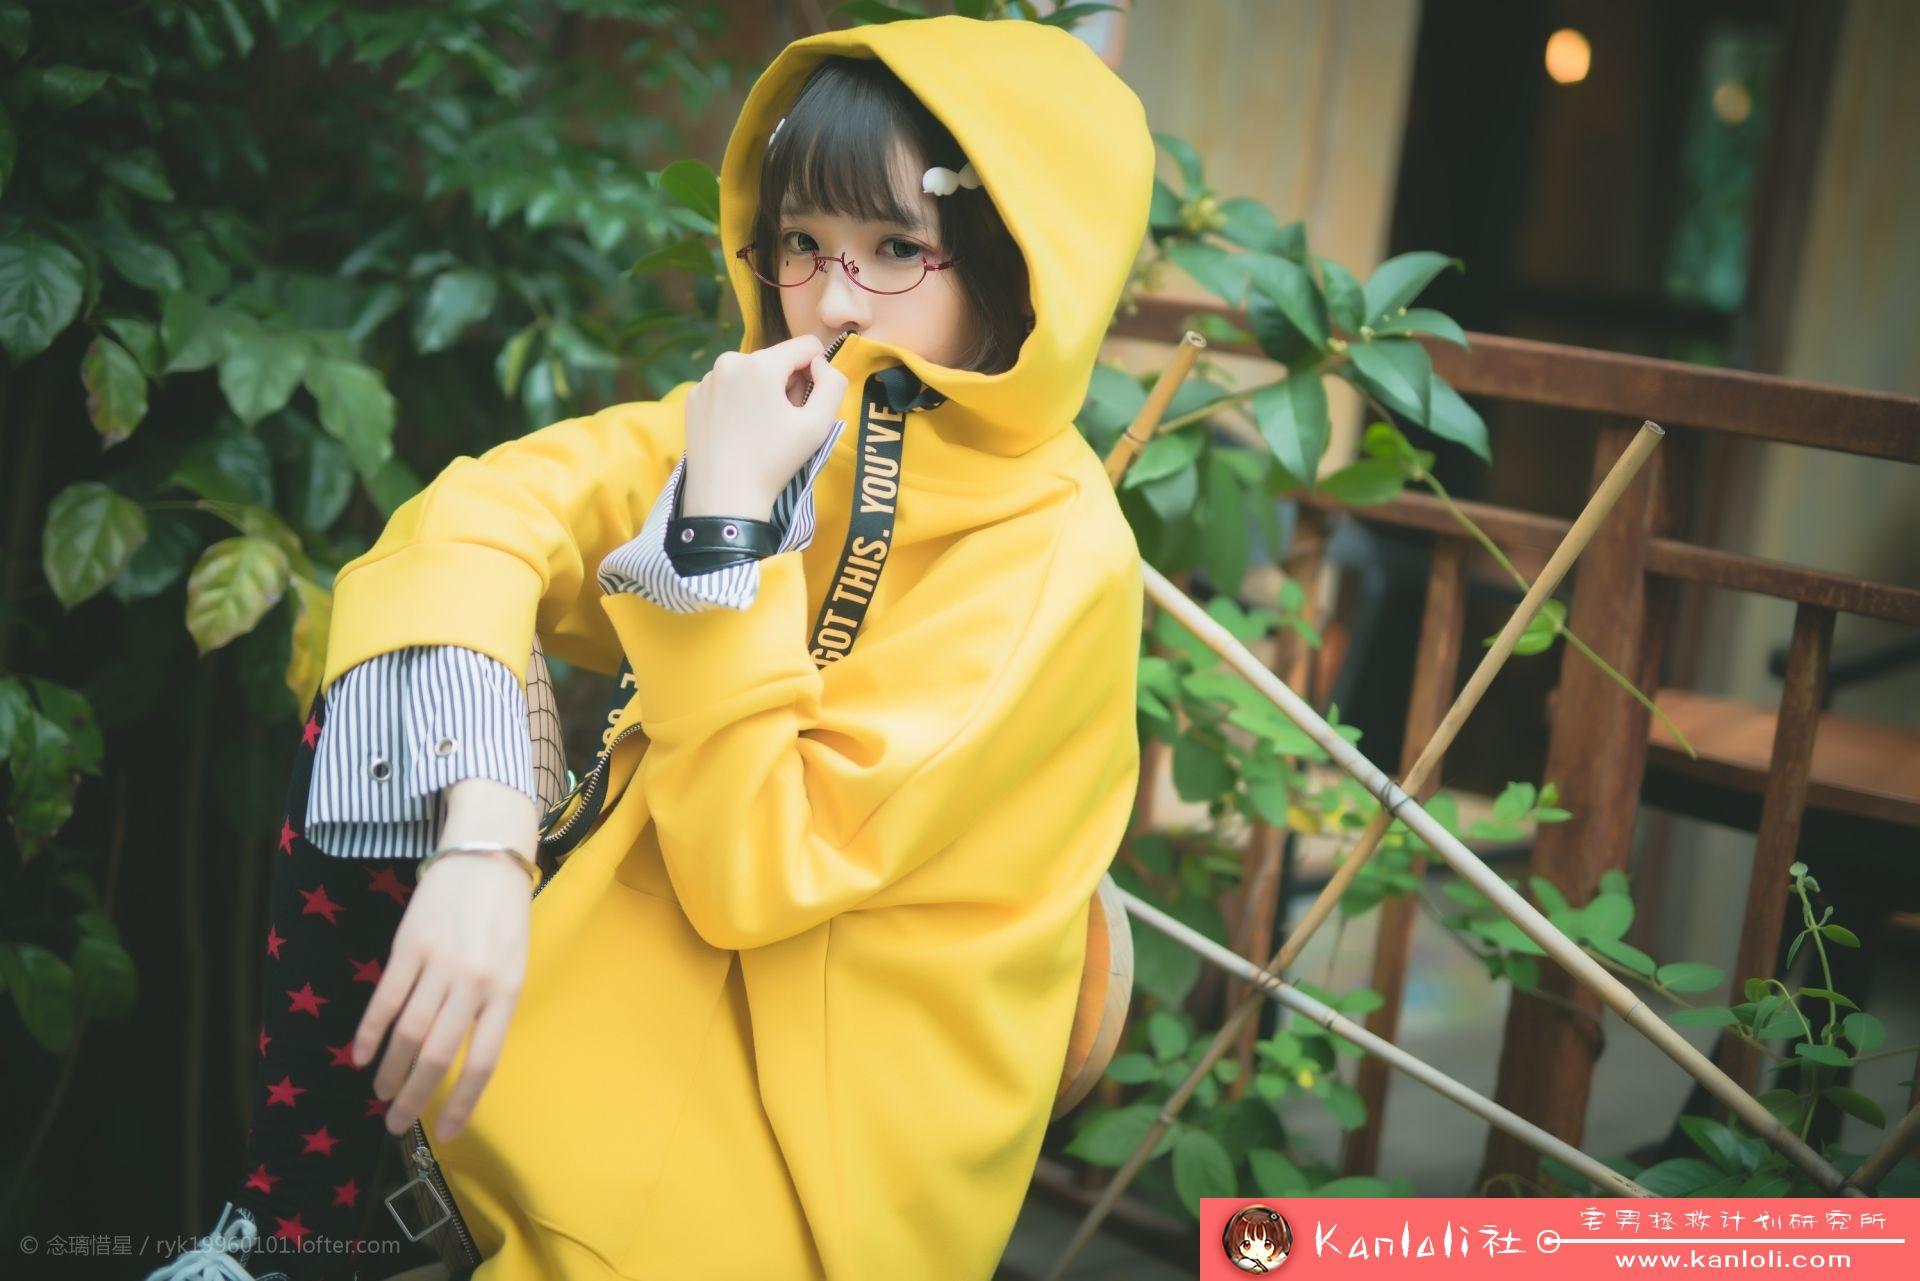 【疯猫ss】疯猫ss写真-FM-032 暗黑搭配 [18P]